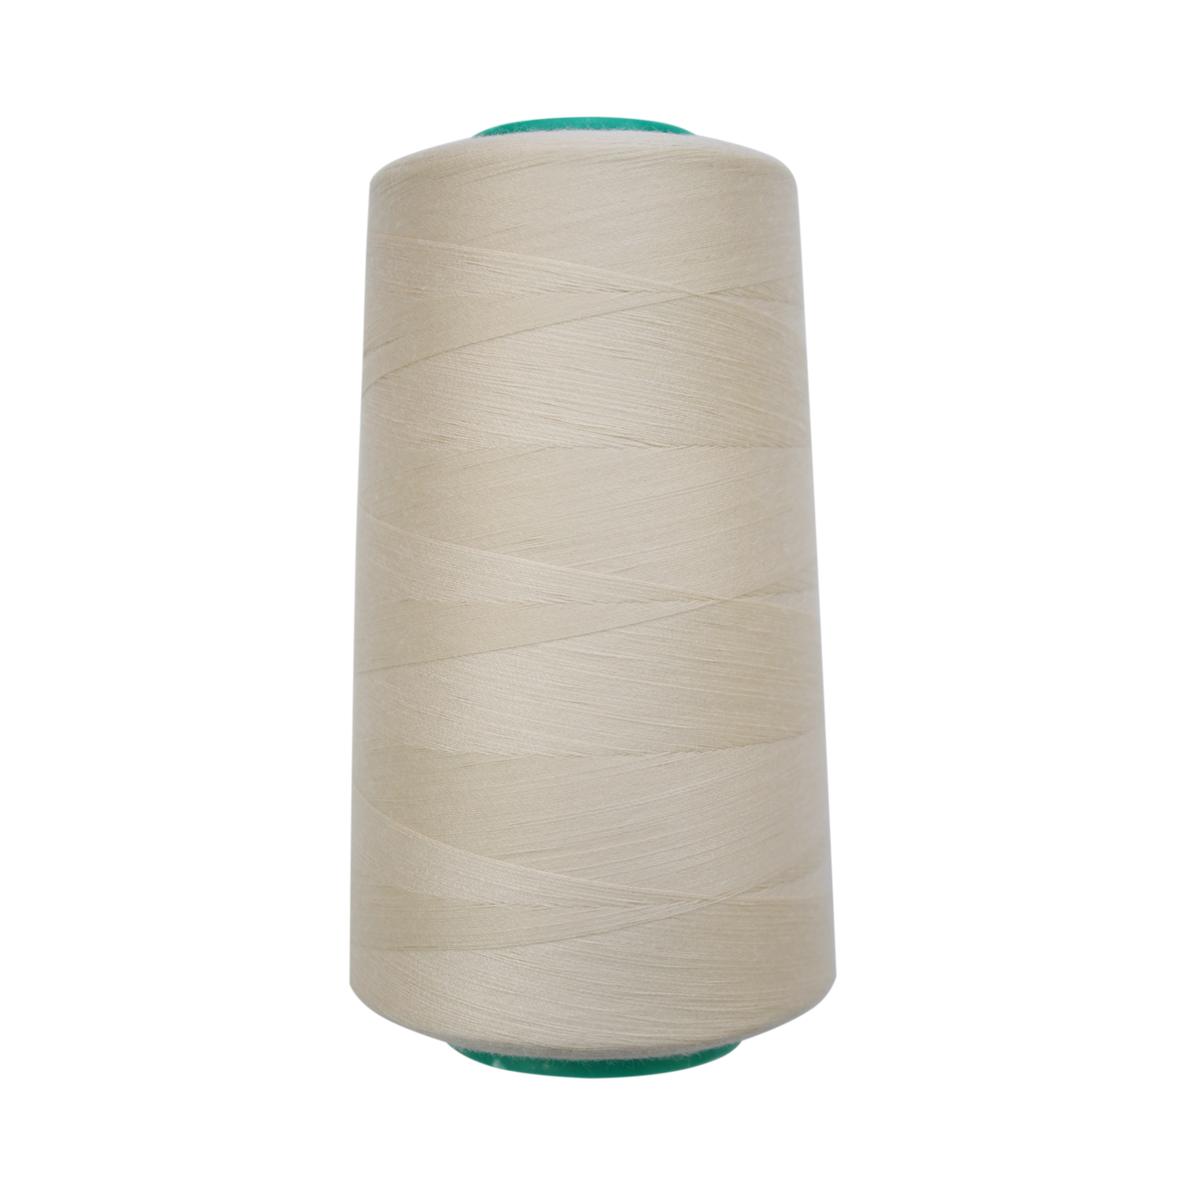 Нитки для шитья Bestex 50/2, 5000 ярд, цвет: крем (229)7700936-229Сфера использования: трикотаж; ткани малого веса; оверлочные швы; отделка краев; вышивка. Размер игл №70-80